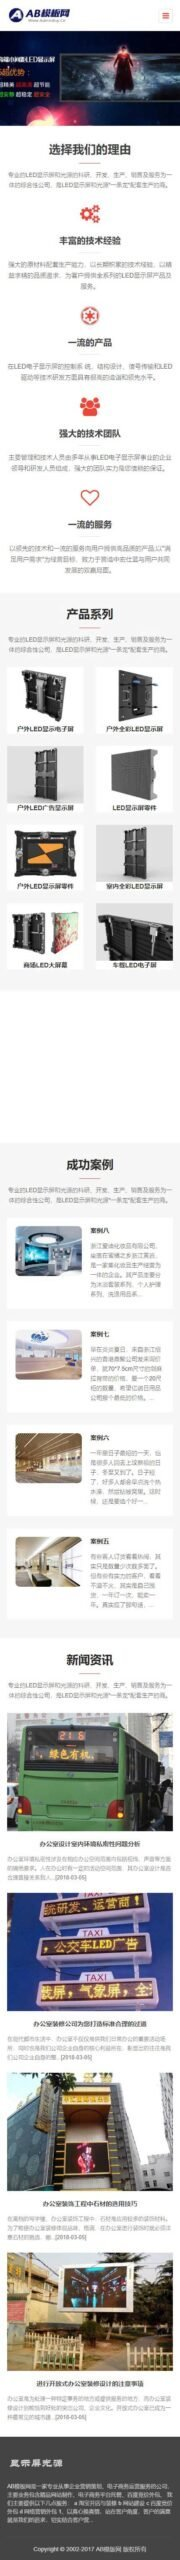 智能LED显示屏生产企业网站织梦dede模板源码[自适应手机版]插图1